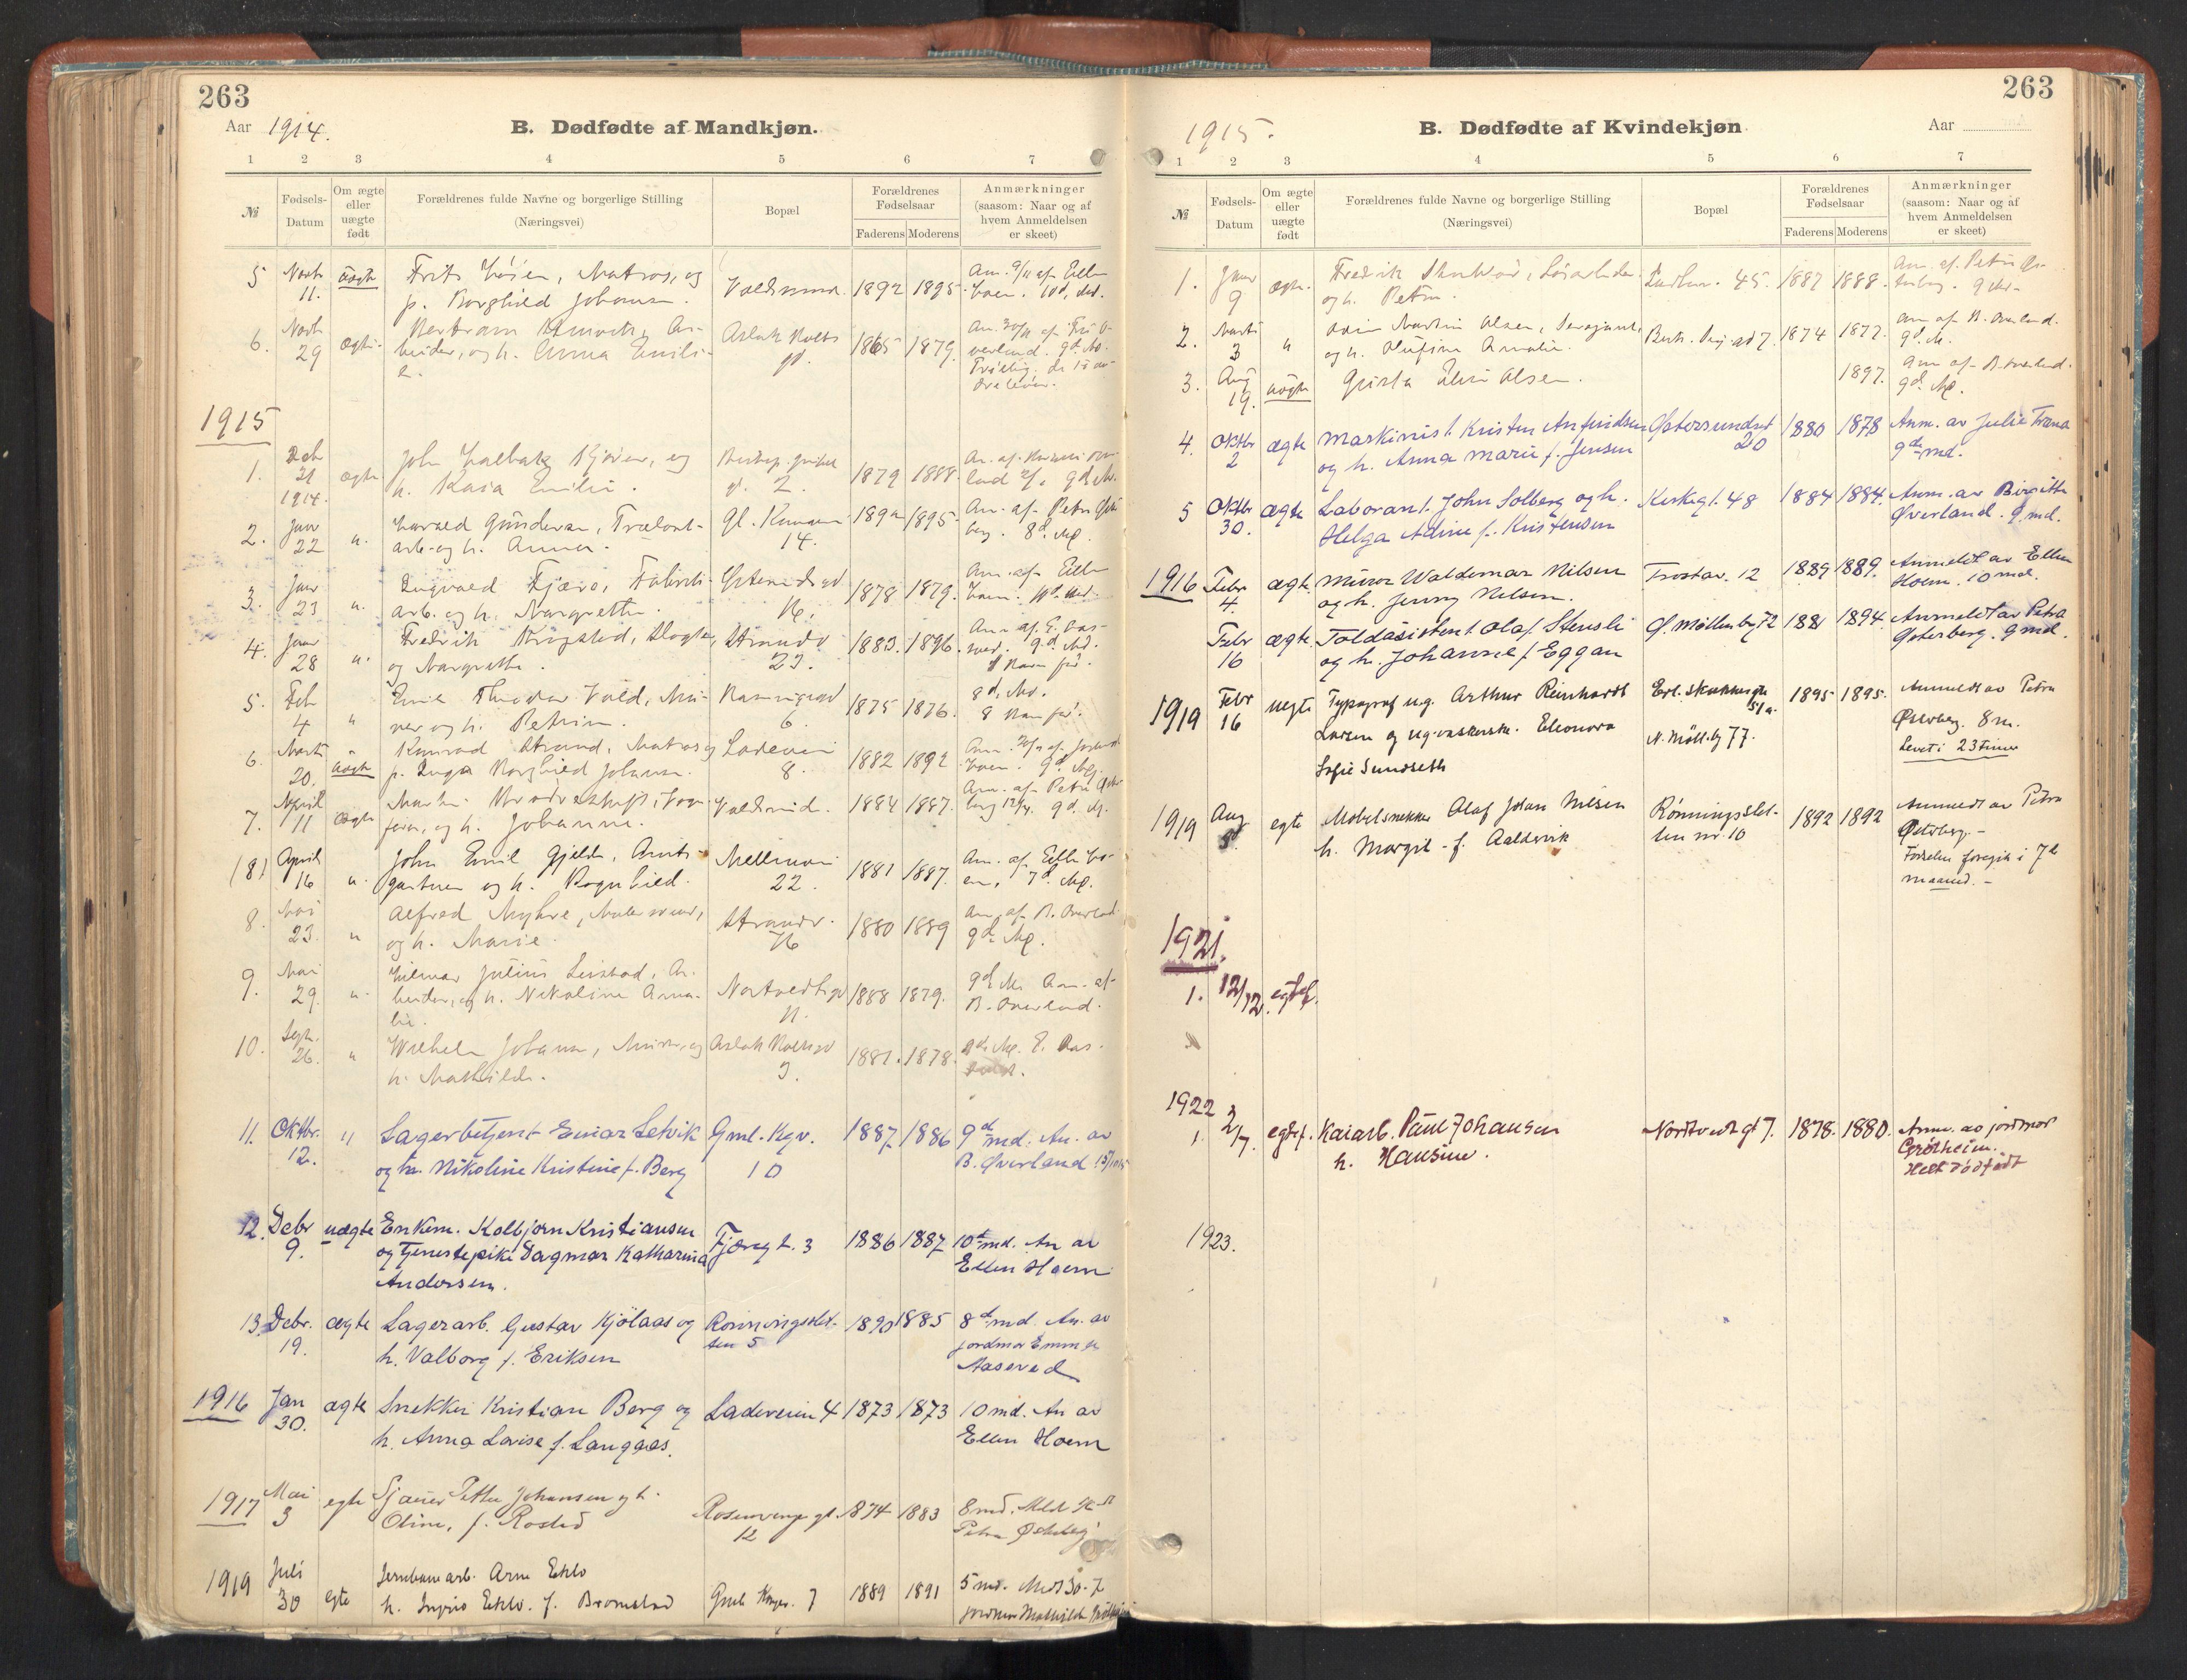 SAT, Ministerialprotokoller, klokkerbøker og fødselsregistre - Sør-Trøndelag, 605/L0243: Ministerialbok nr. 605A05, 1908-1923, s. 263